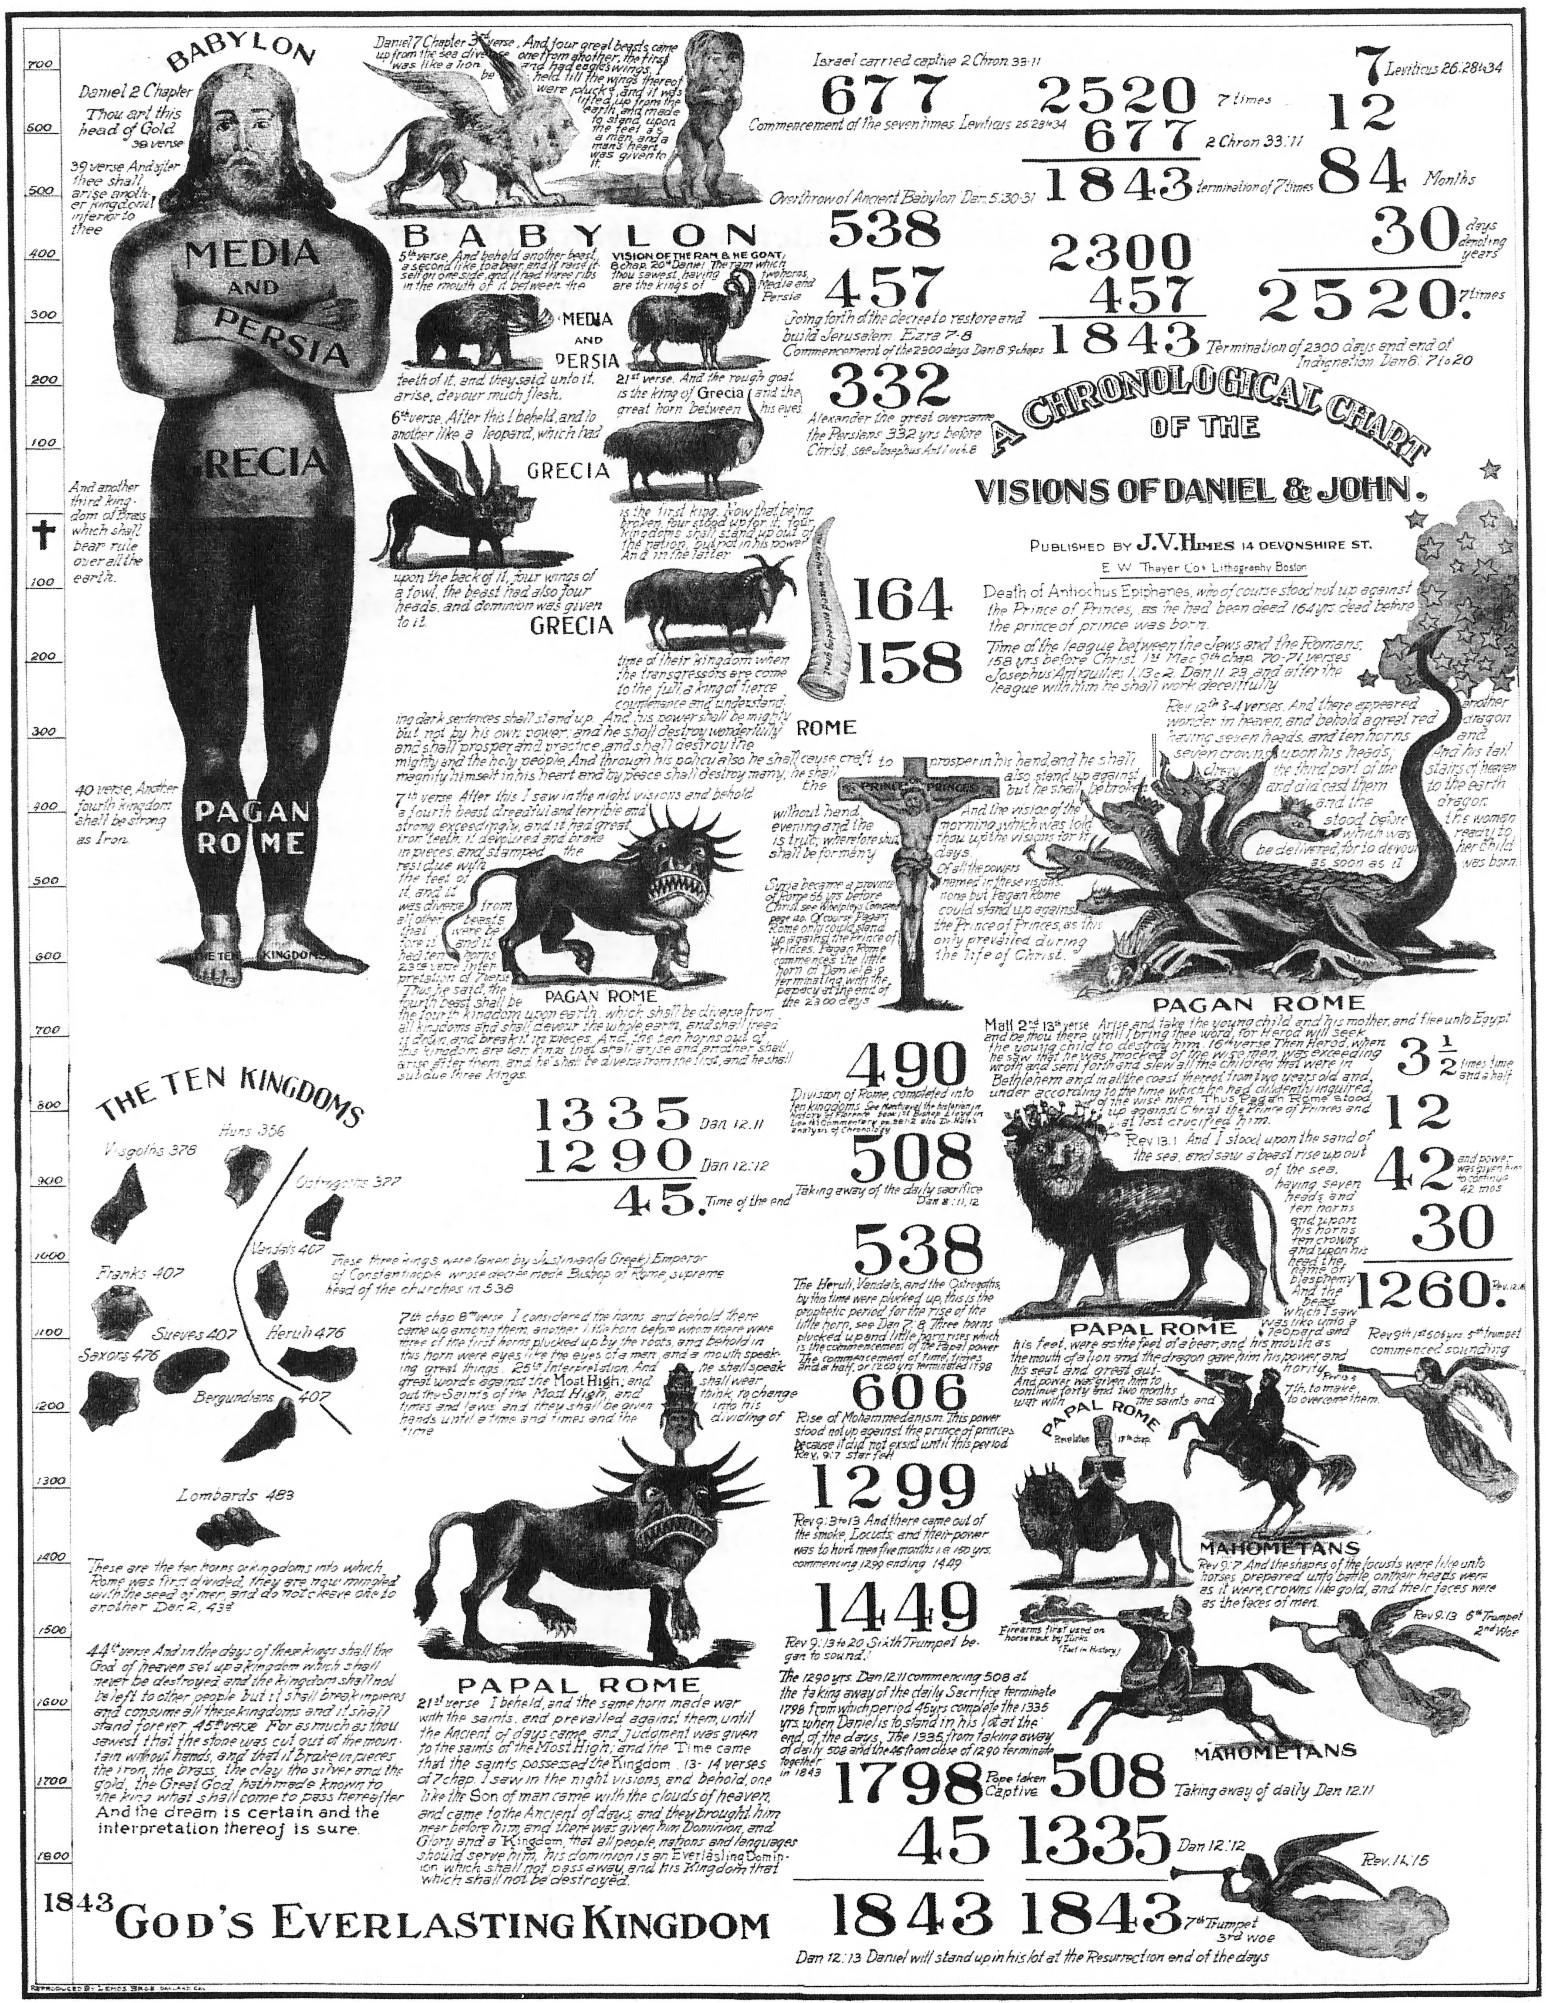 File:Millerite 1843 chart 2.jpg